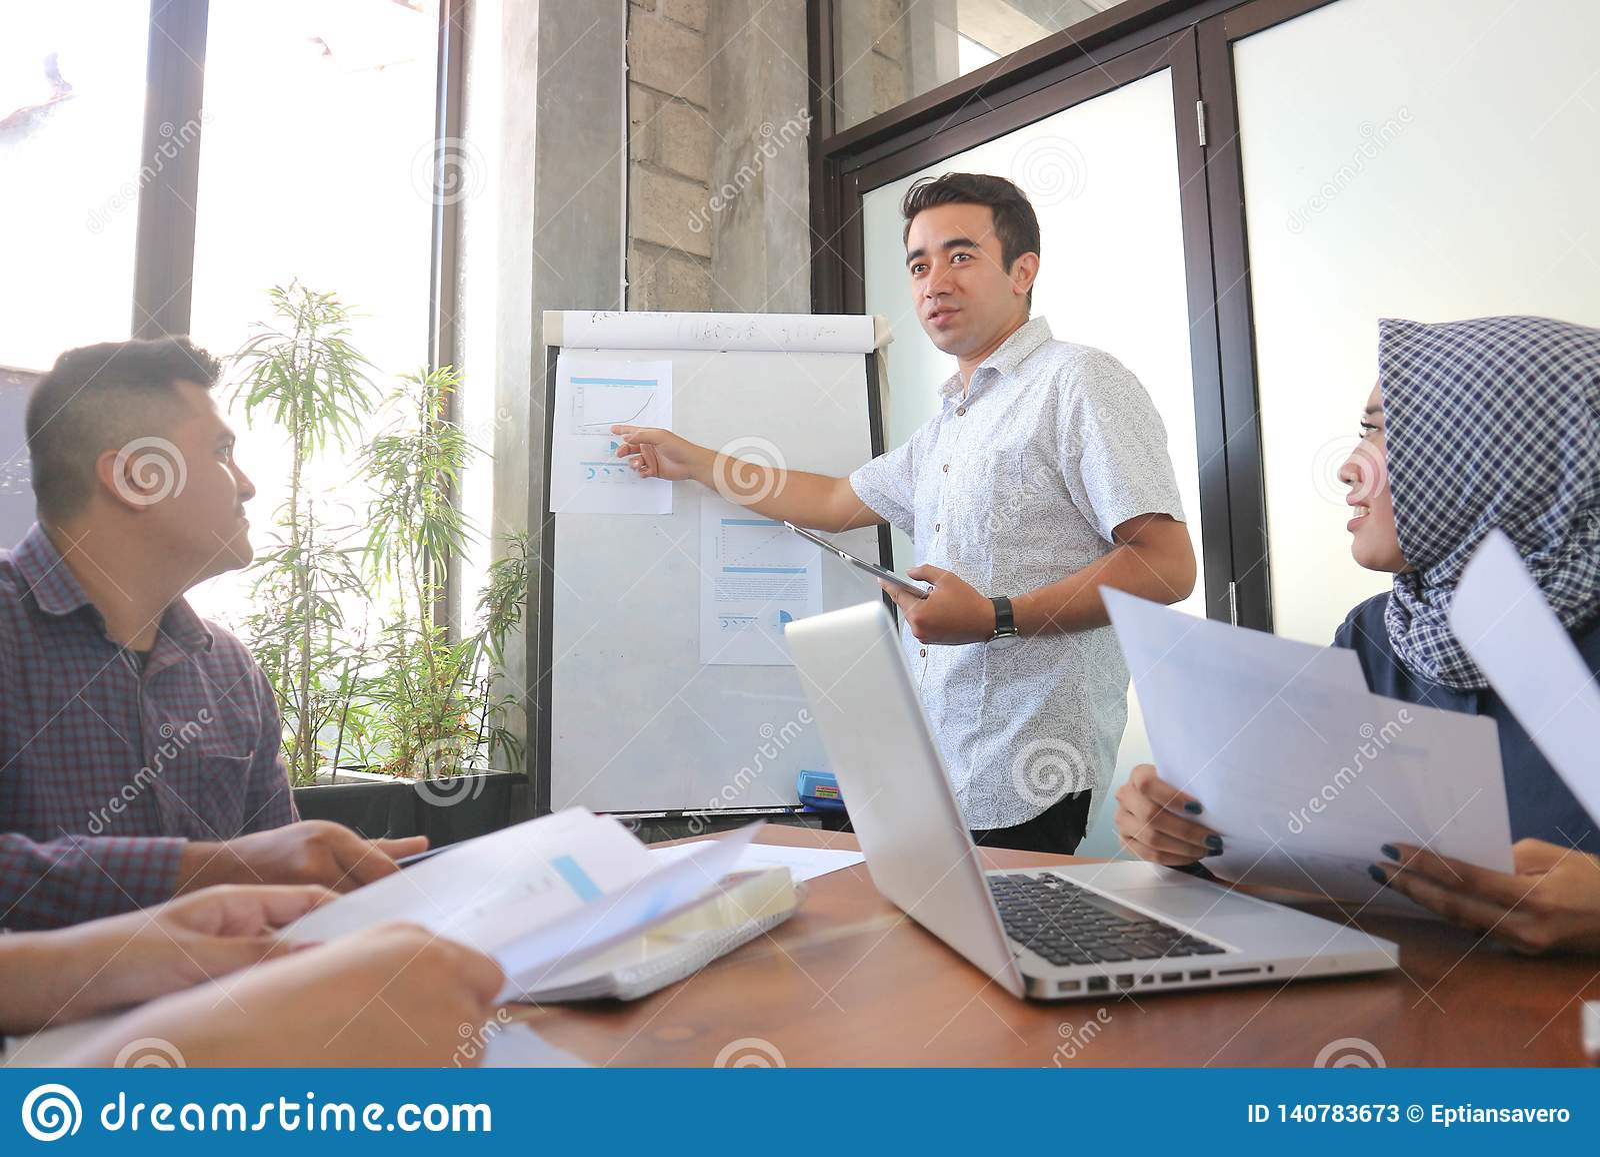 Junge professionelle männliche Darstellung bei der Gruppensitzung im weißen Brett mit Tablette und Laptop, Bürositzungsgruppe nah